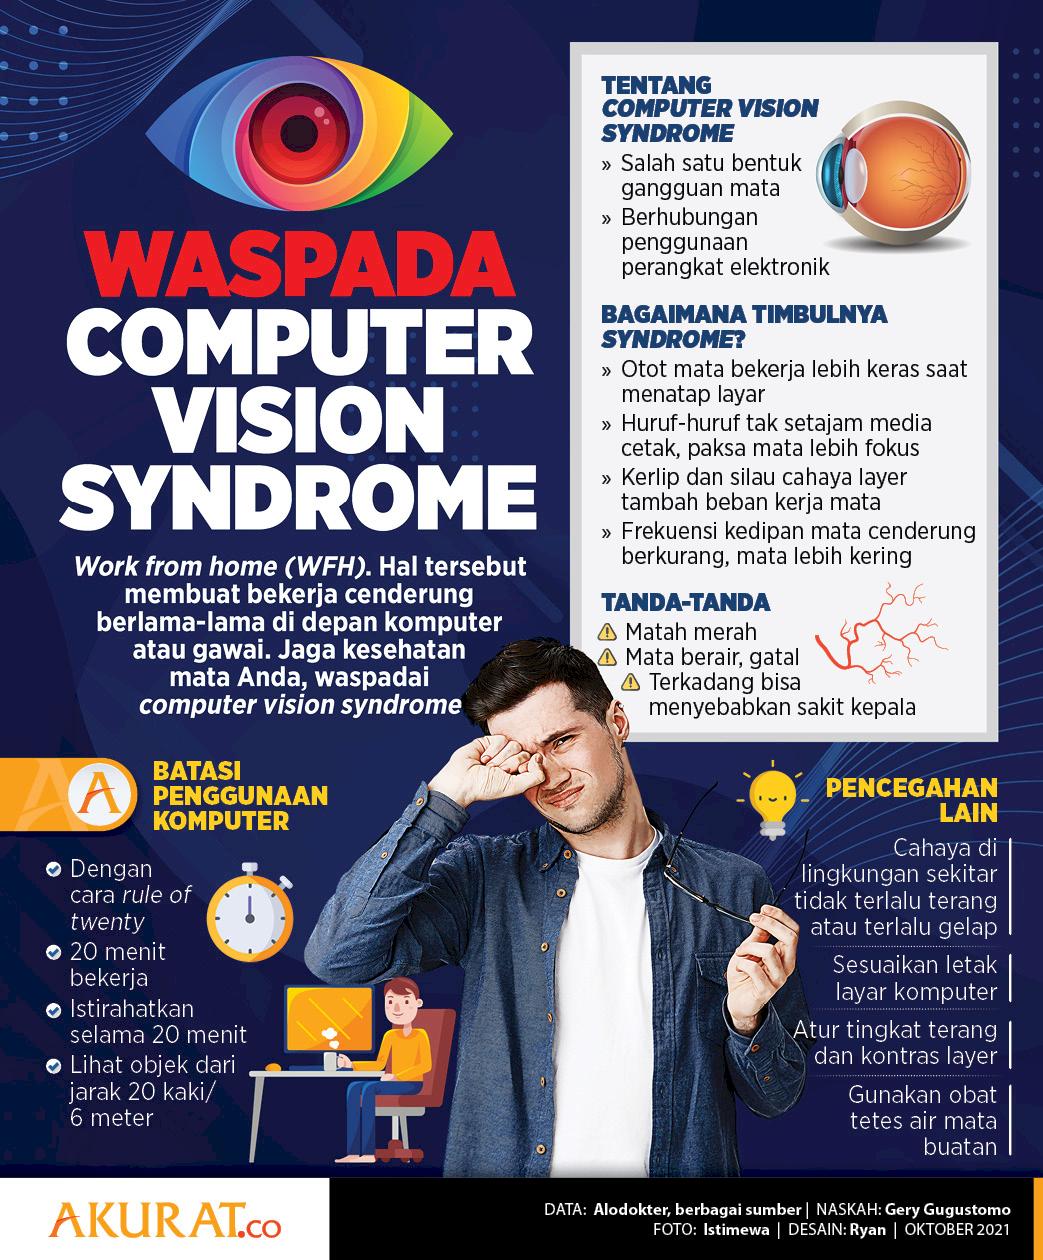 Waspada Computer Vision Syndrome